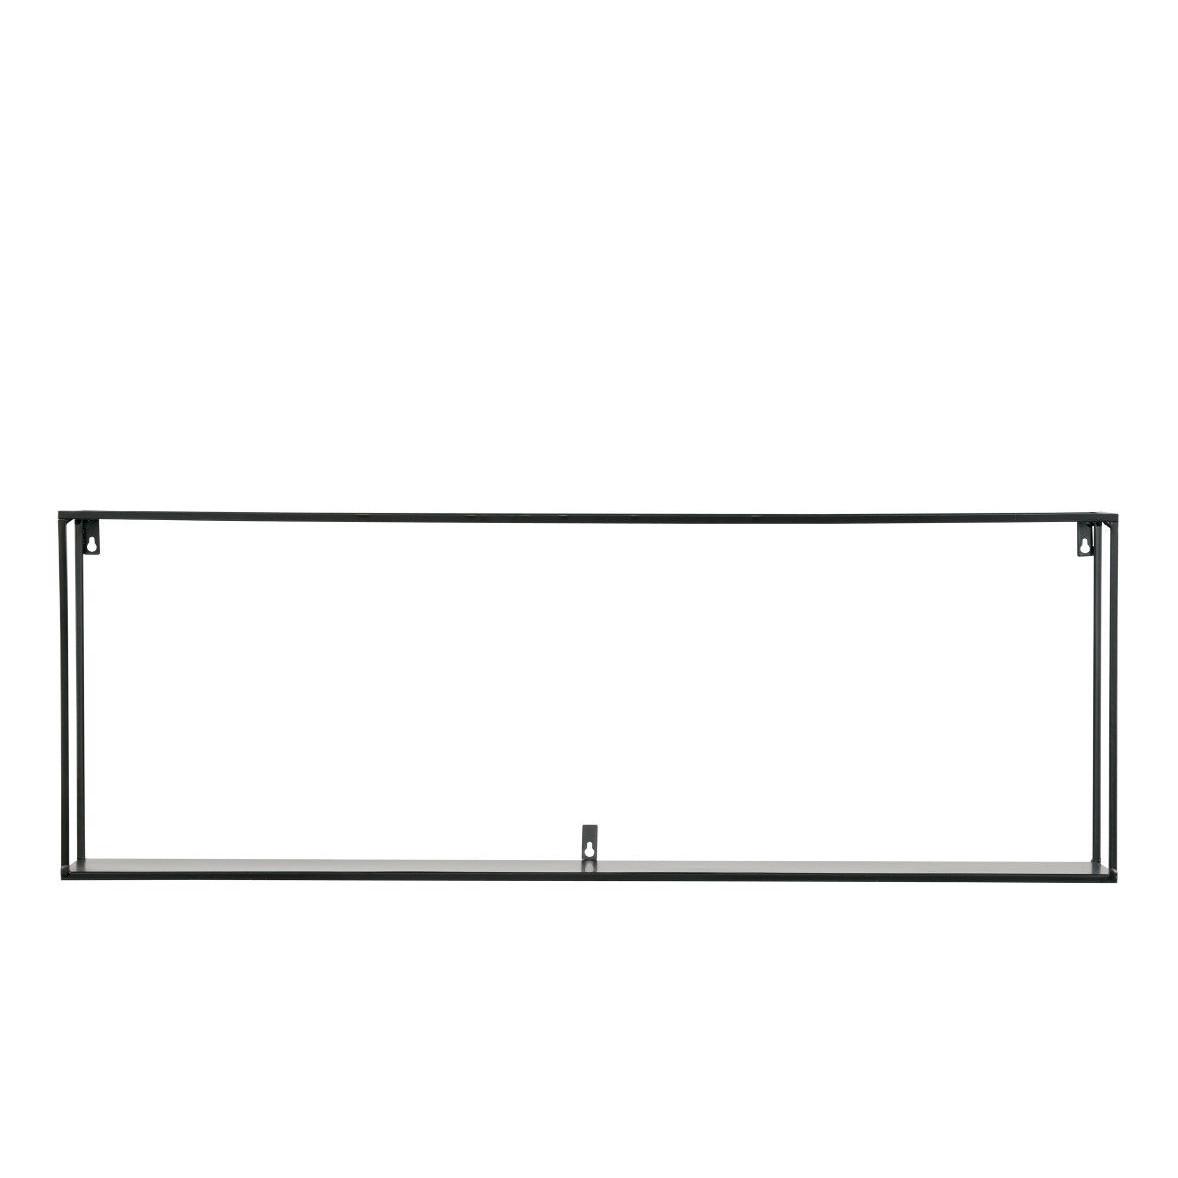 Wandregal XXL Meert | 100 cm